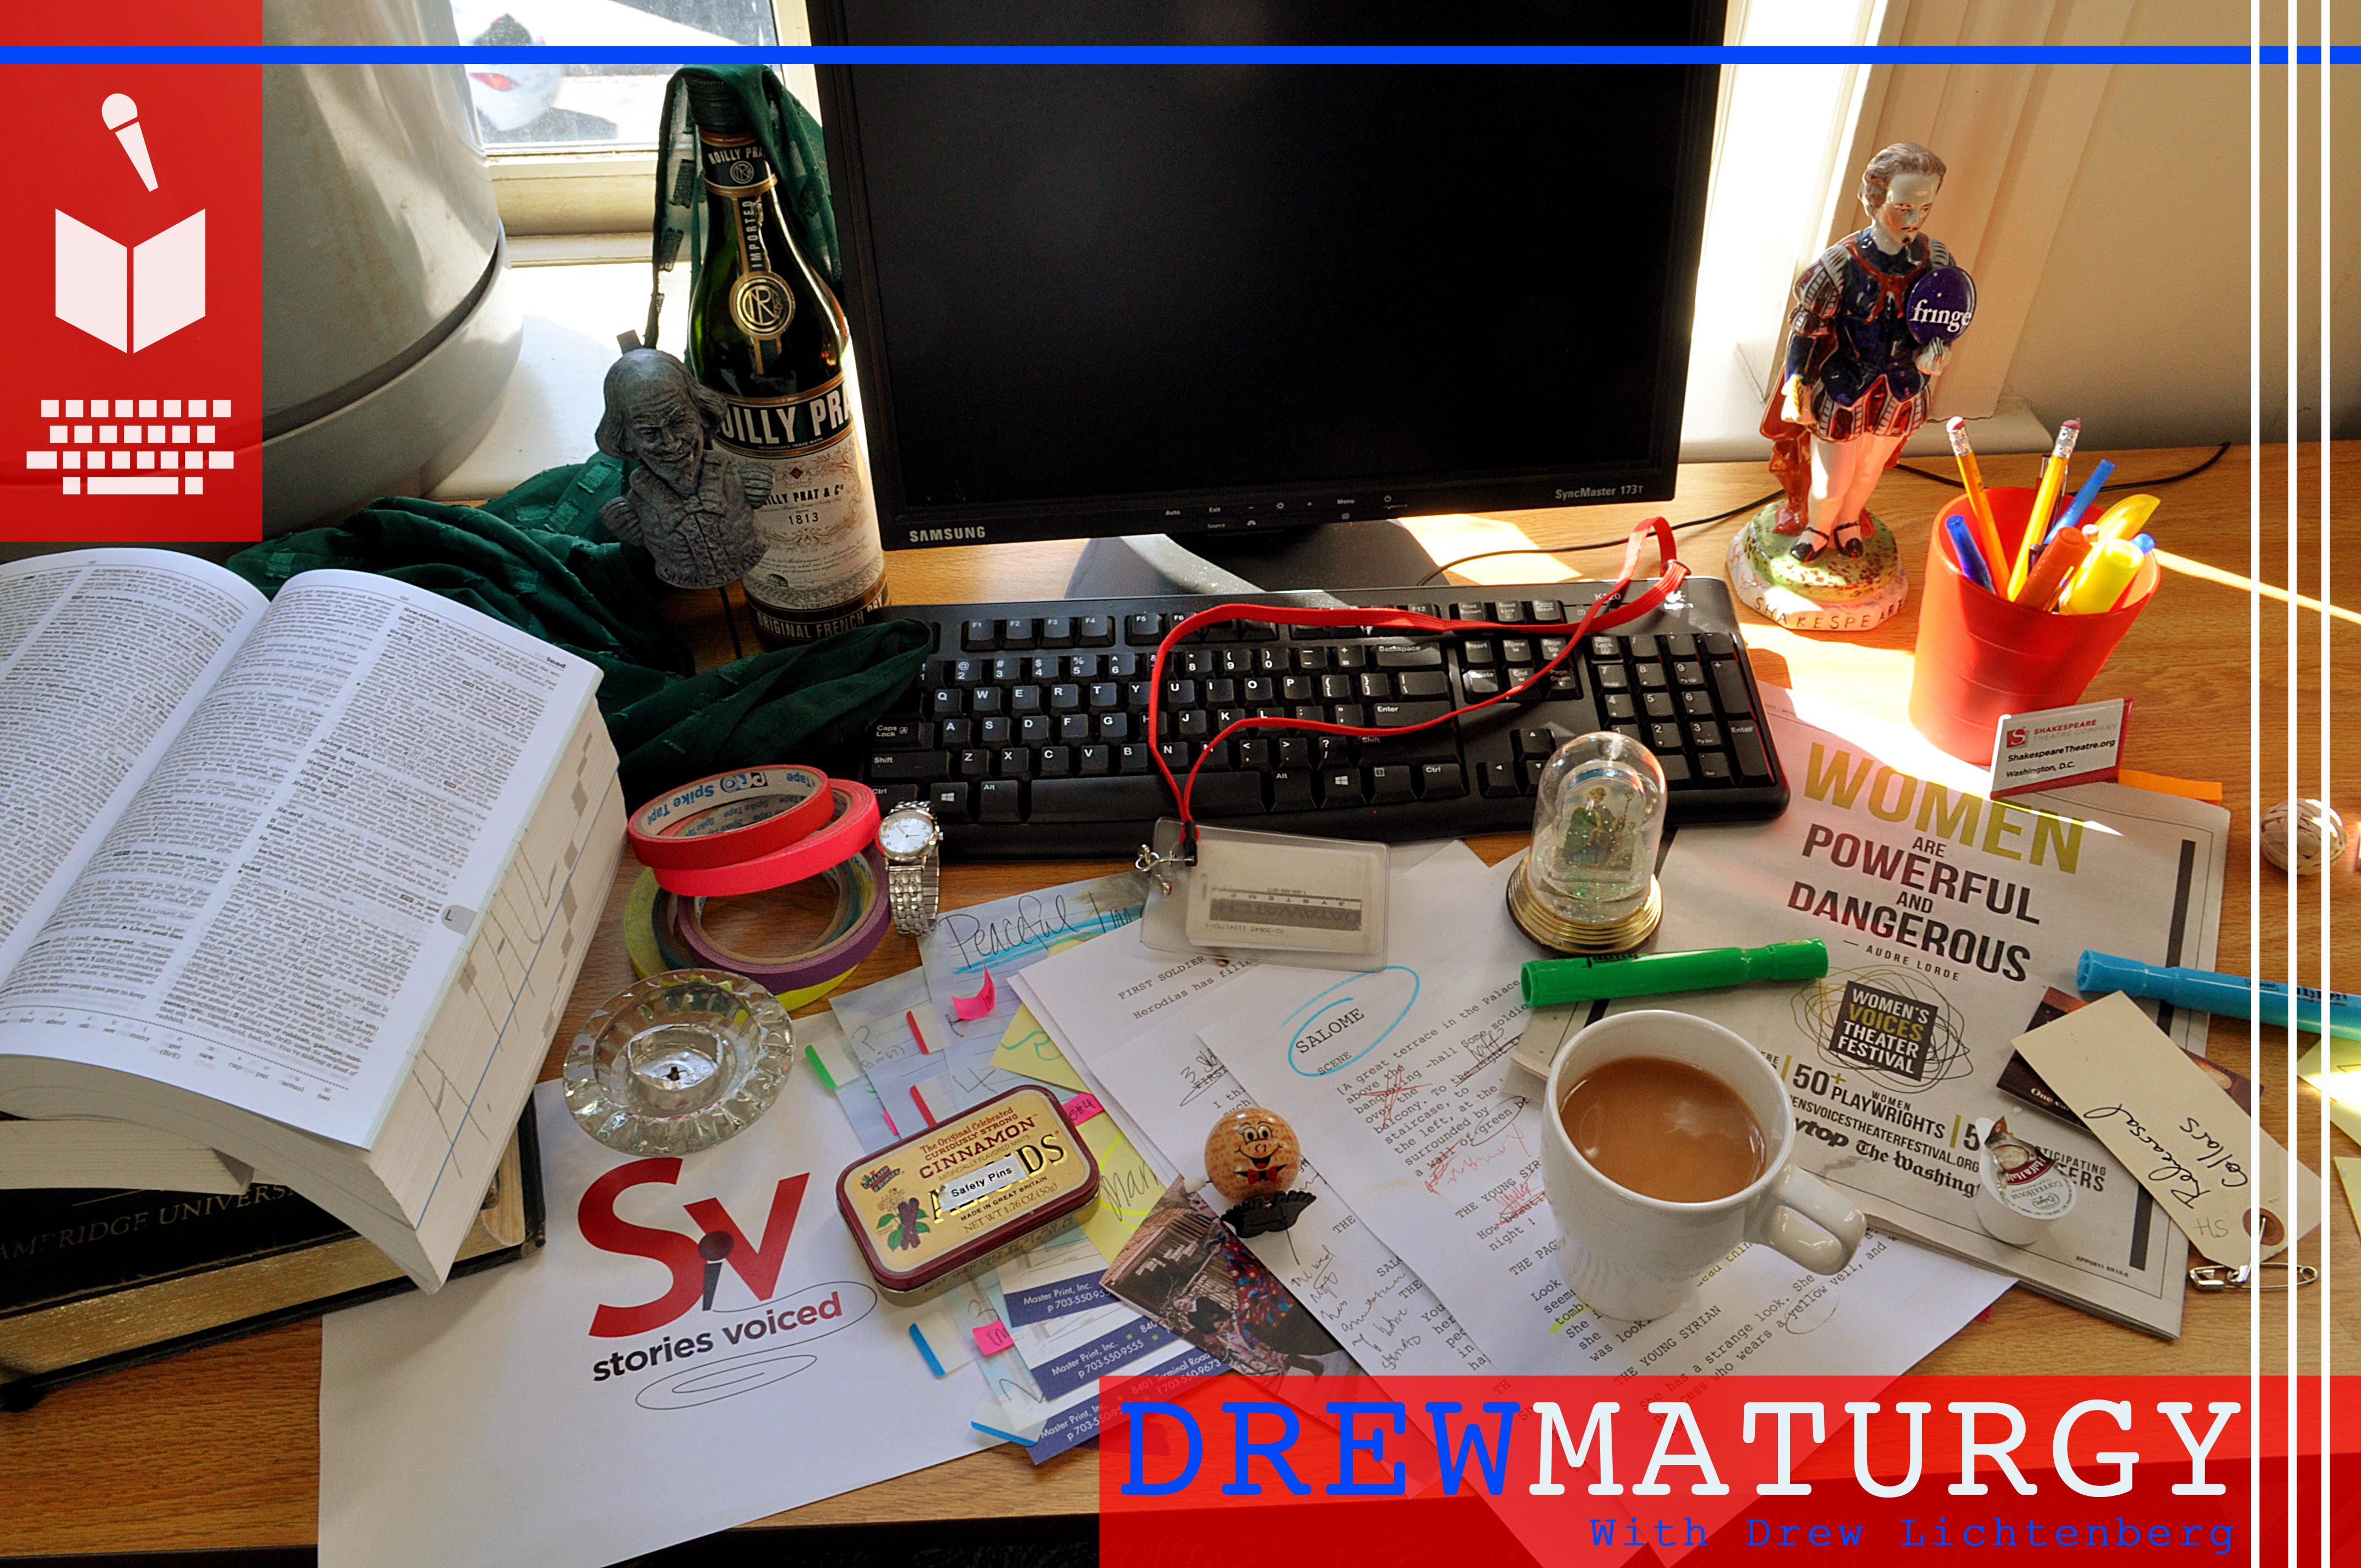 Drewmaturgy with Drew Lichtenber